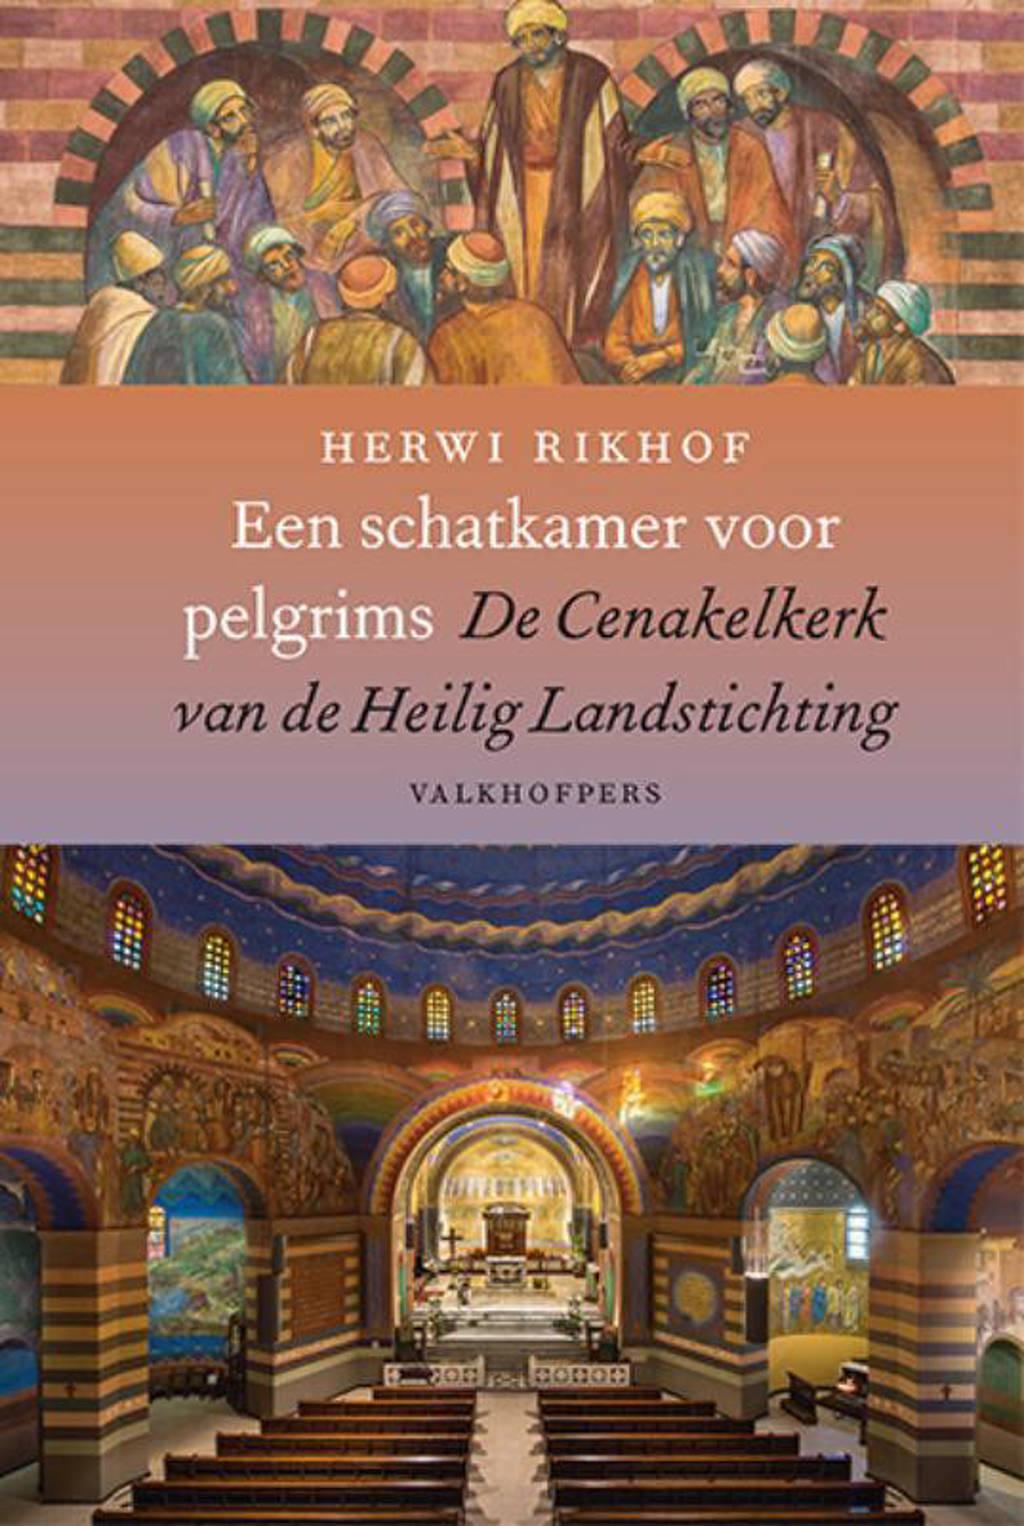 Een schatkamer voor pelgrims - Herwi Rikhof